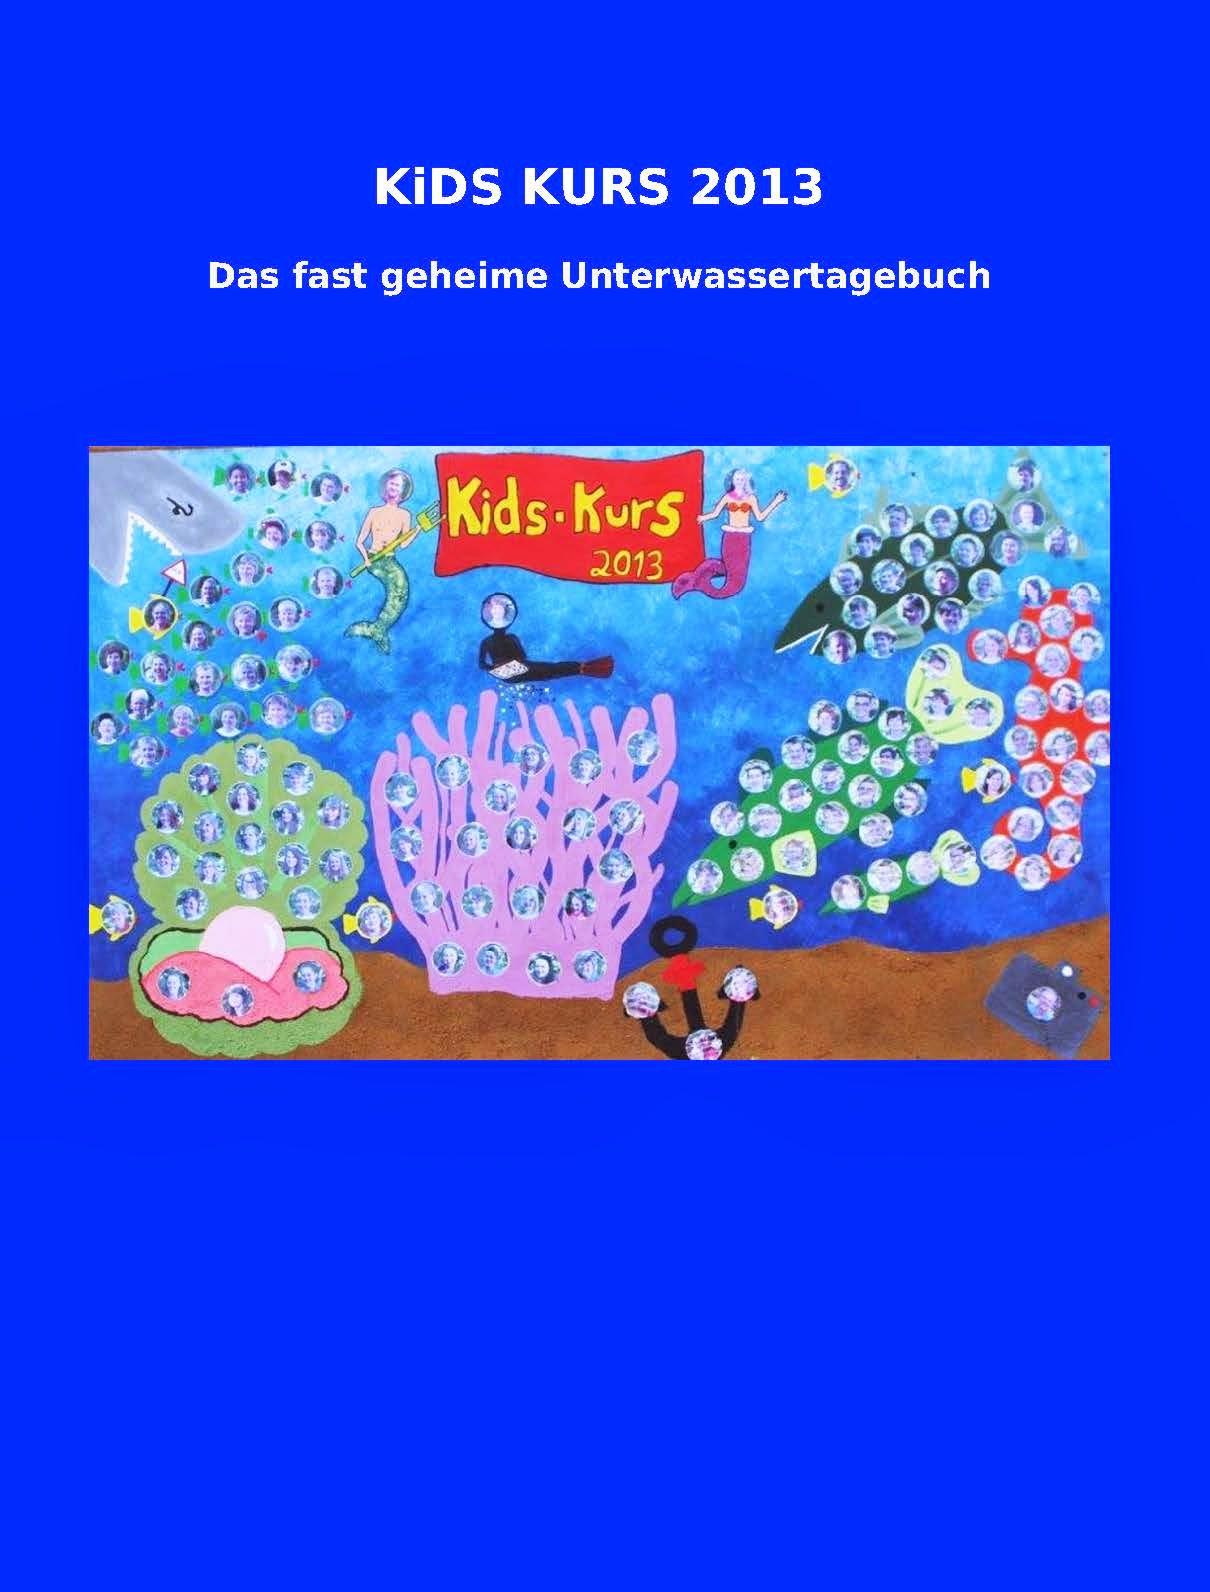 http://www.kids-kurs.info/TAGEBUCH_2013.pdf